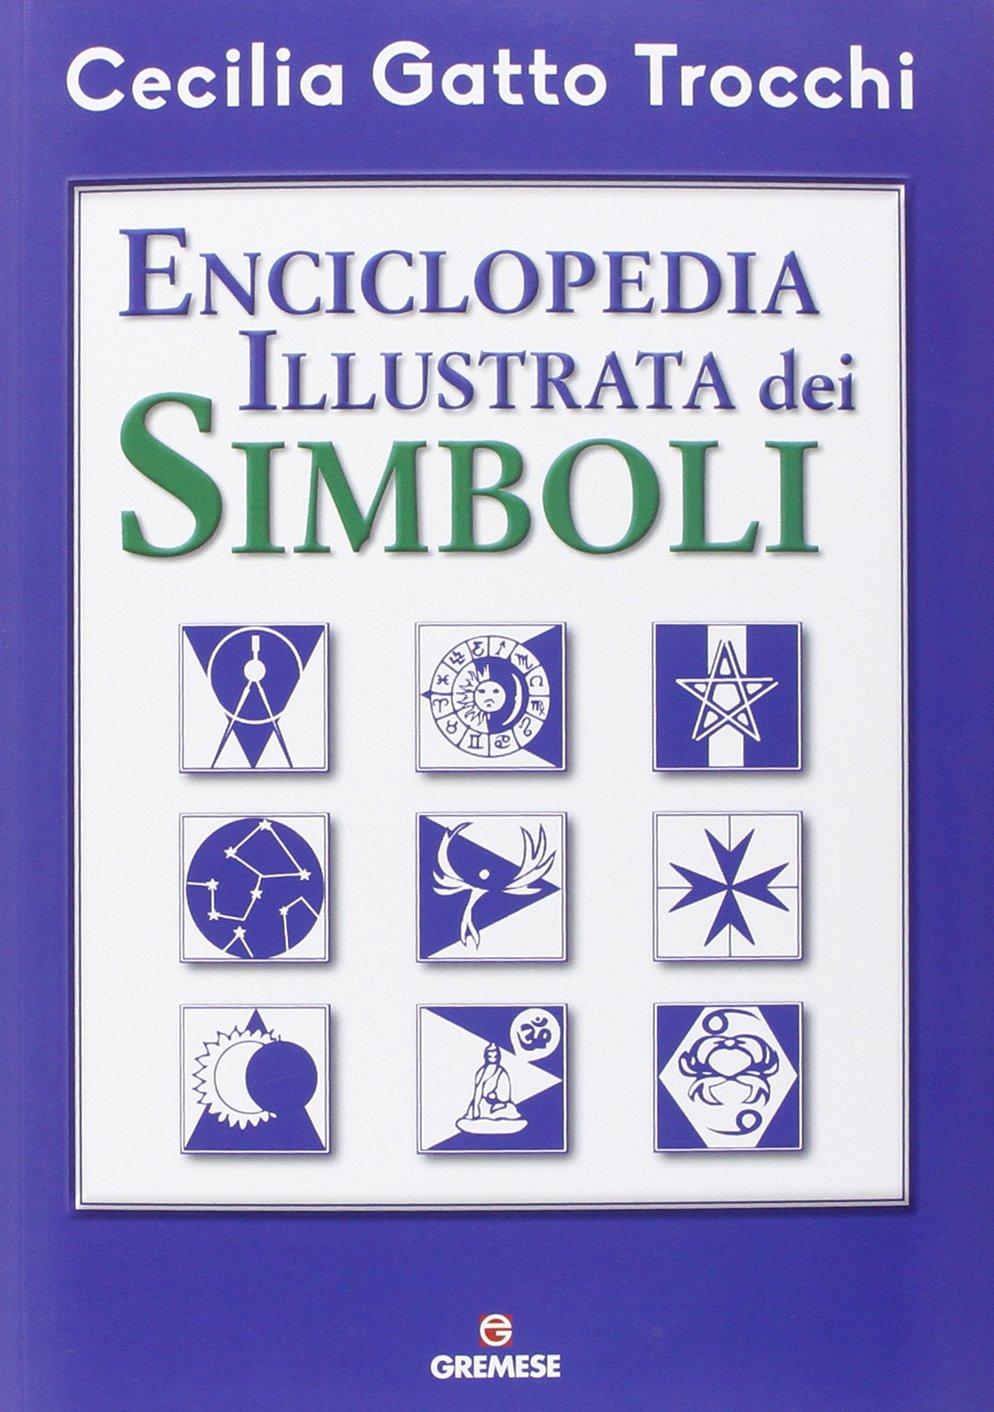 Enciclopedia illustrata dei simboli Copertina flessibile – 20 nov 2014 Cecilia Gatto Trocchi Gremese Editore 8884408644 SCIENZE SOCIALI